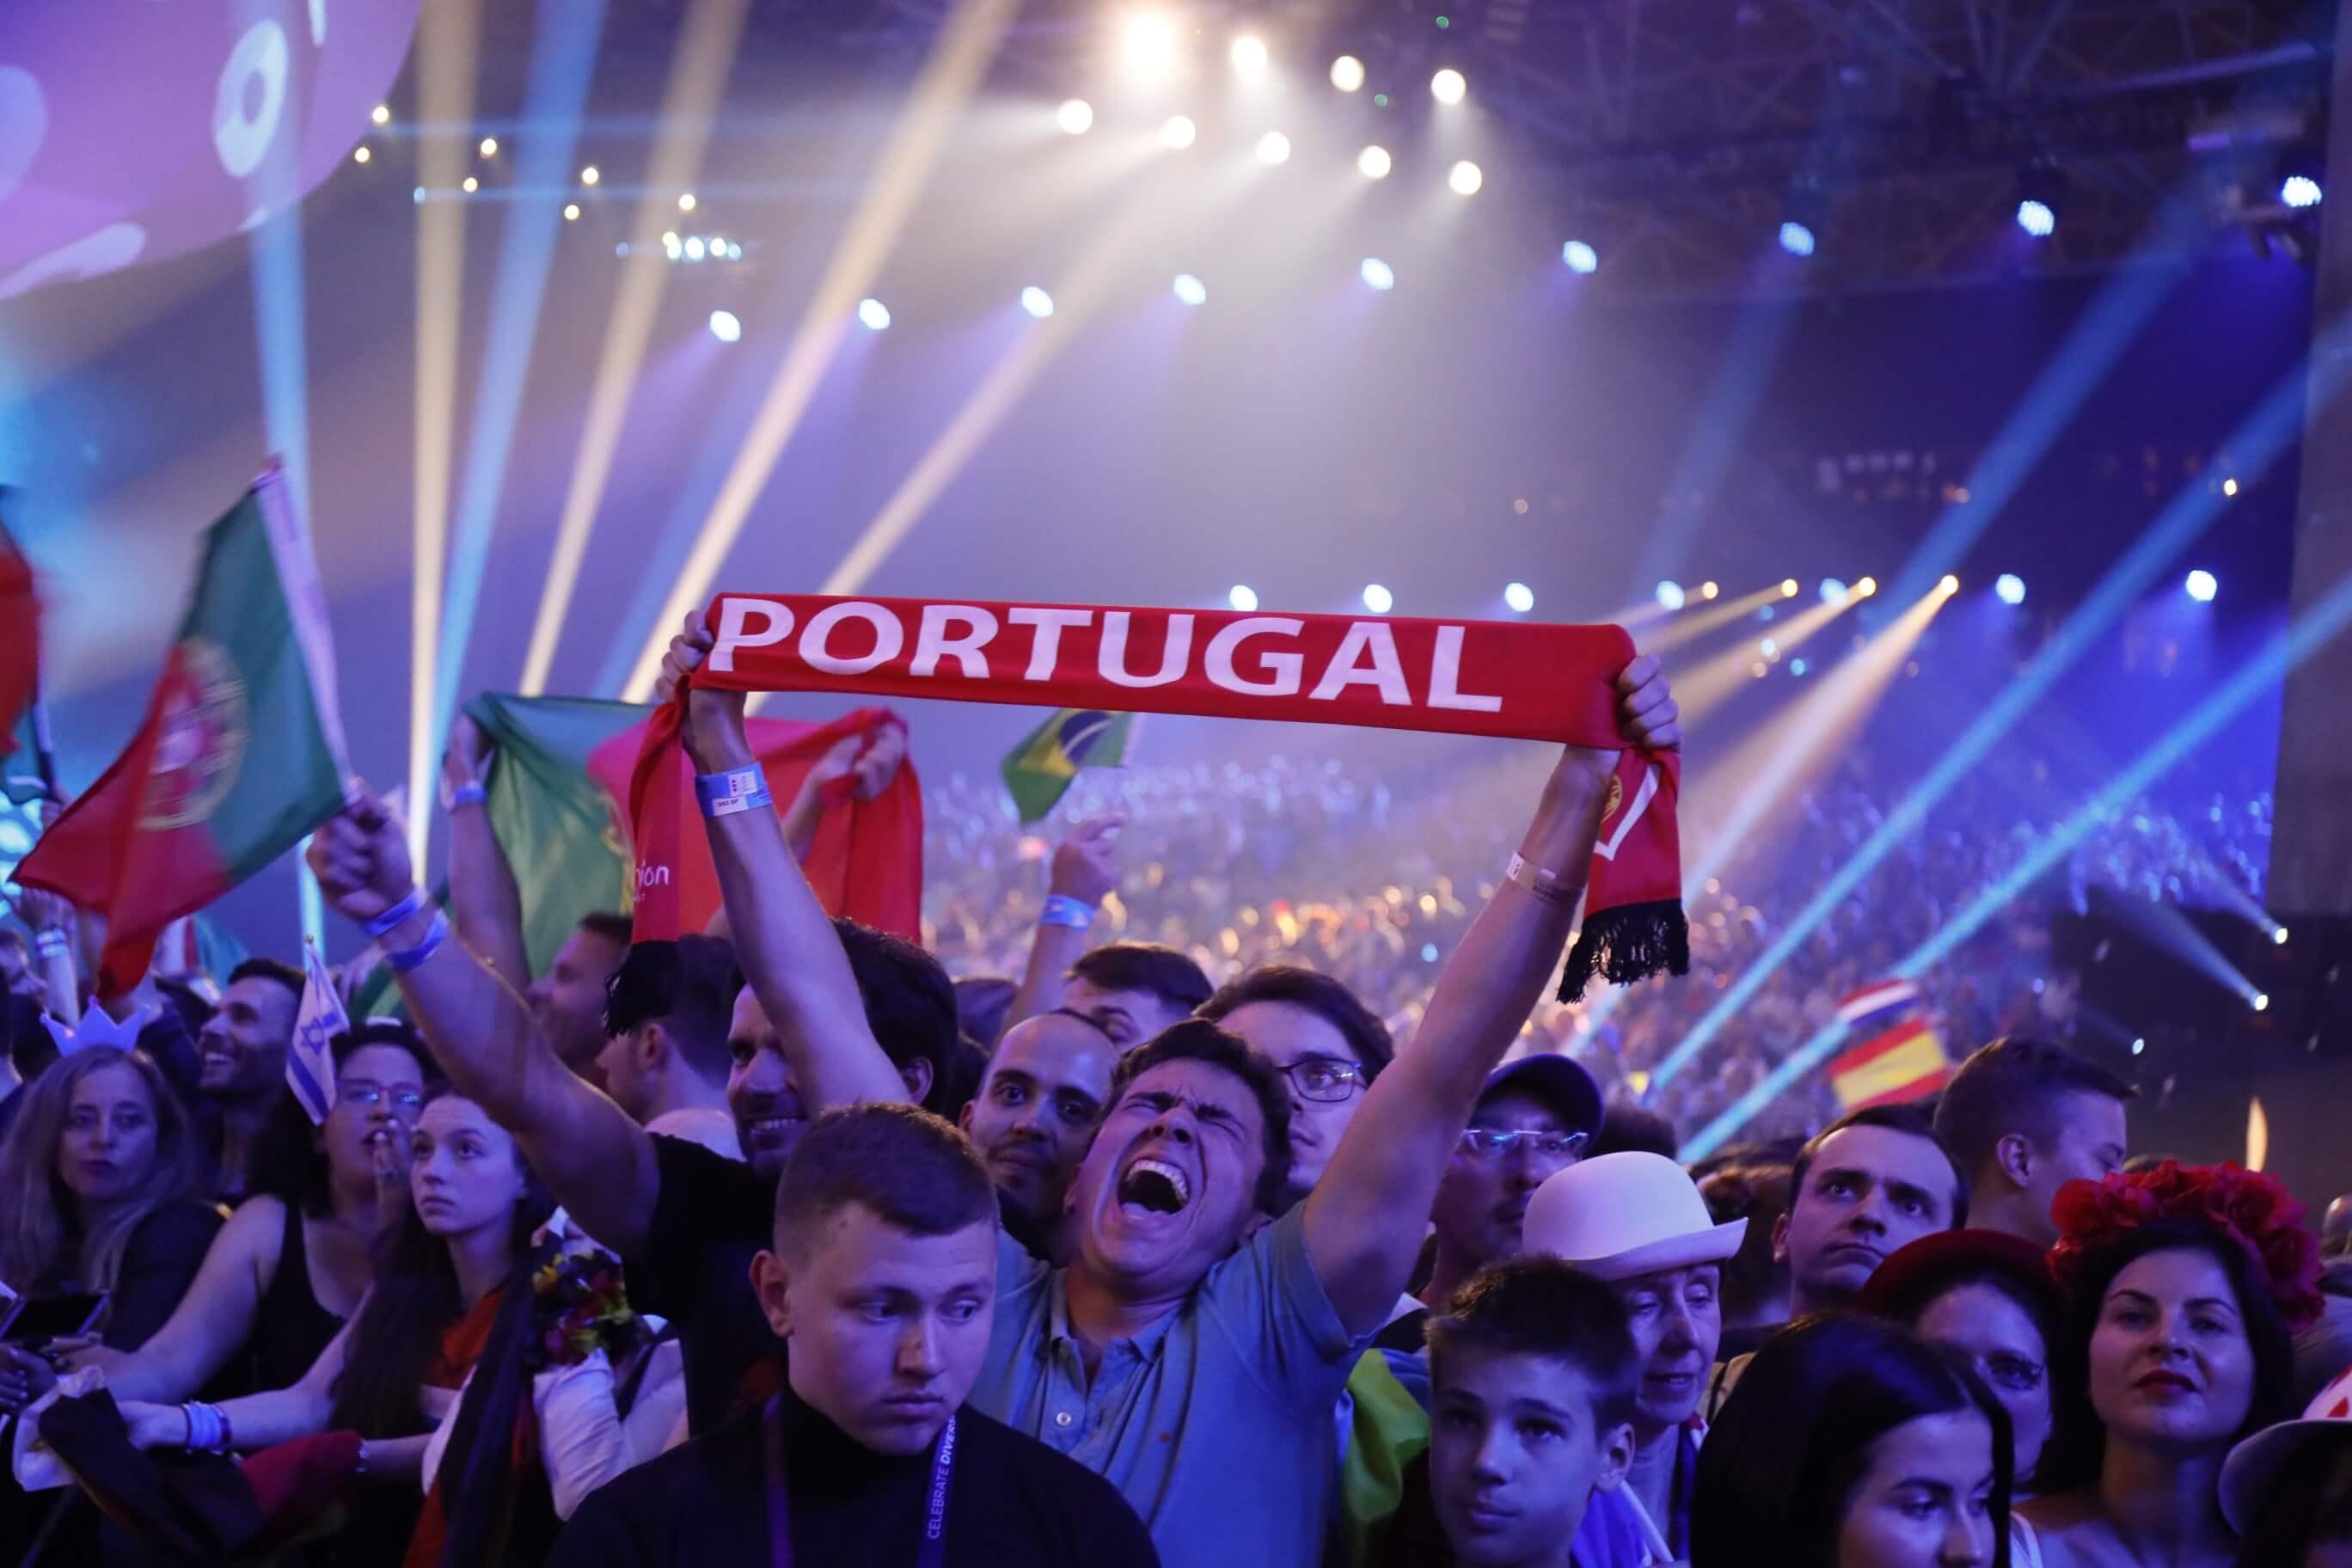 Comida, bolas de golfe, power banks ou lanternas: o que não pode entrar na Eurovisão